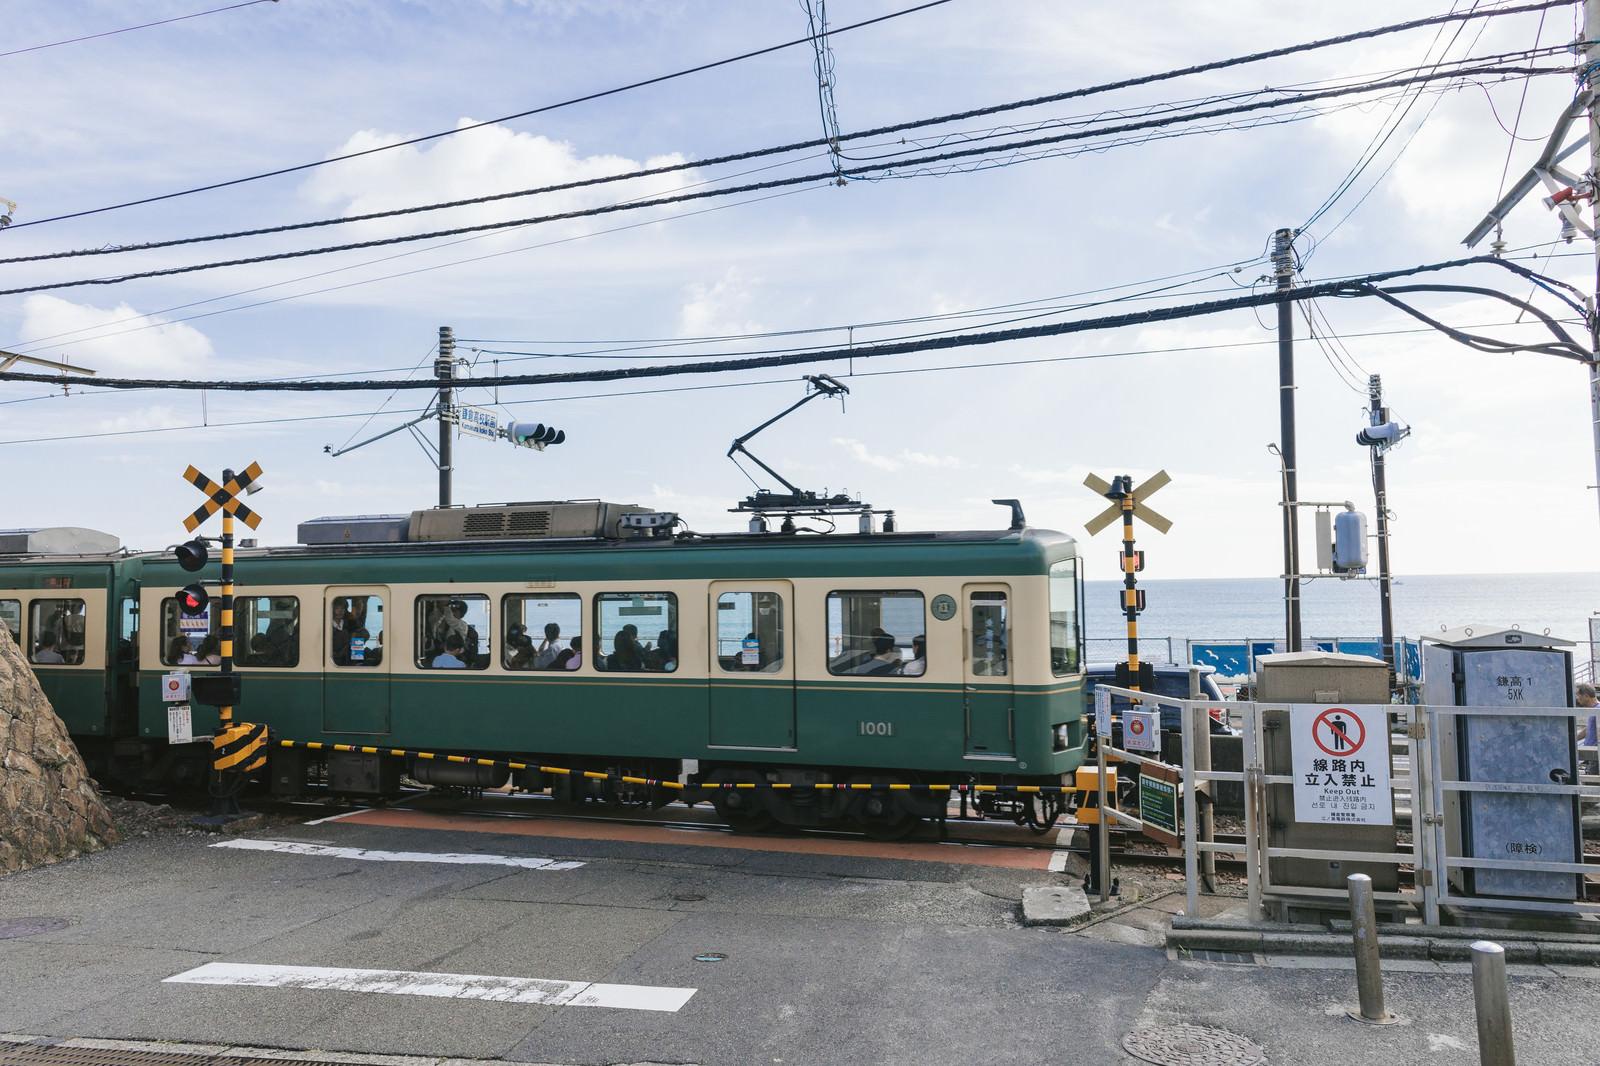 「アニメのワンシーンで登場しそうな鎌倉高校前駅の踏切と江ノ電 | 写真の無料素材・フリー素材 - ぱくたそ」の写真